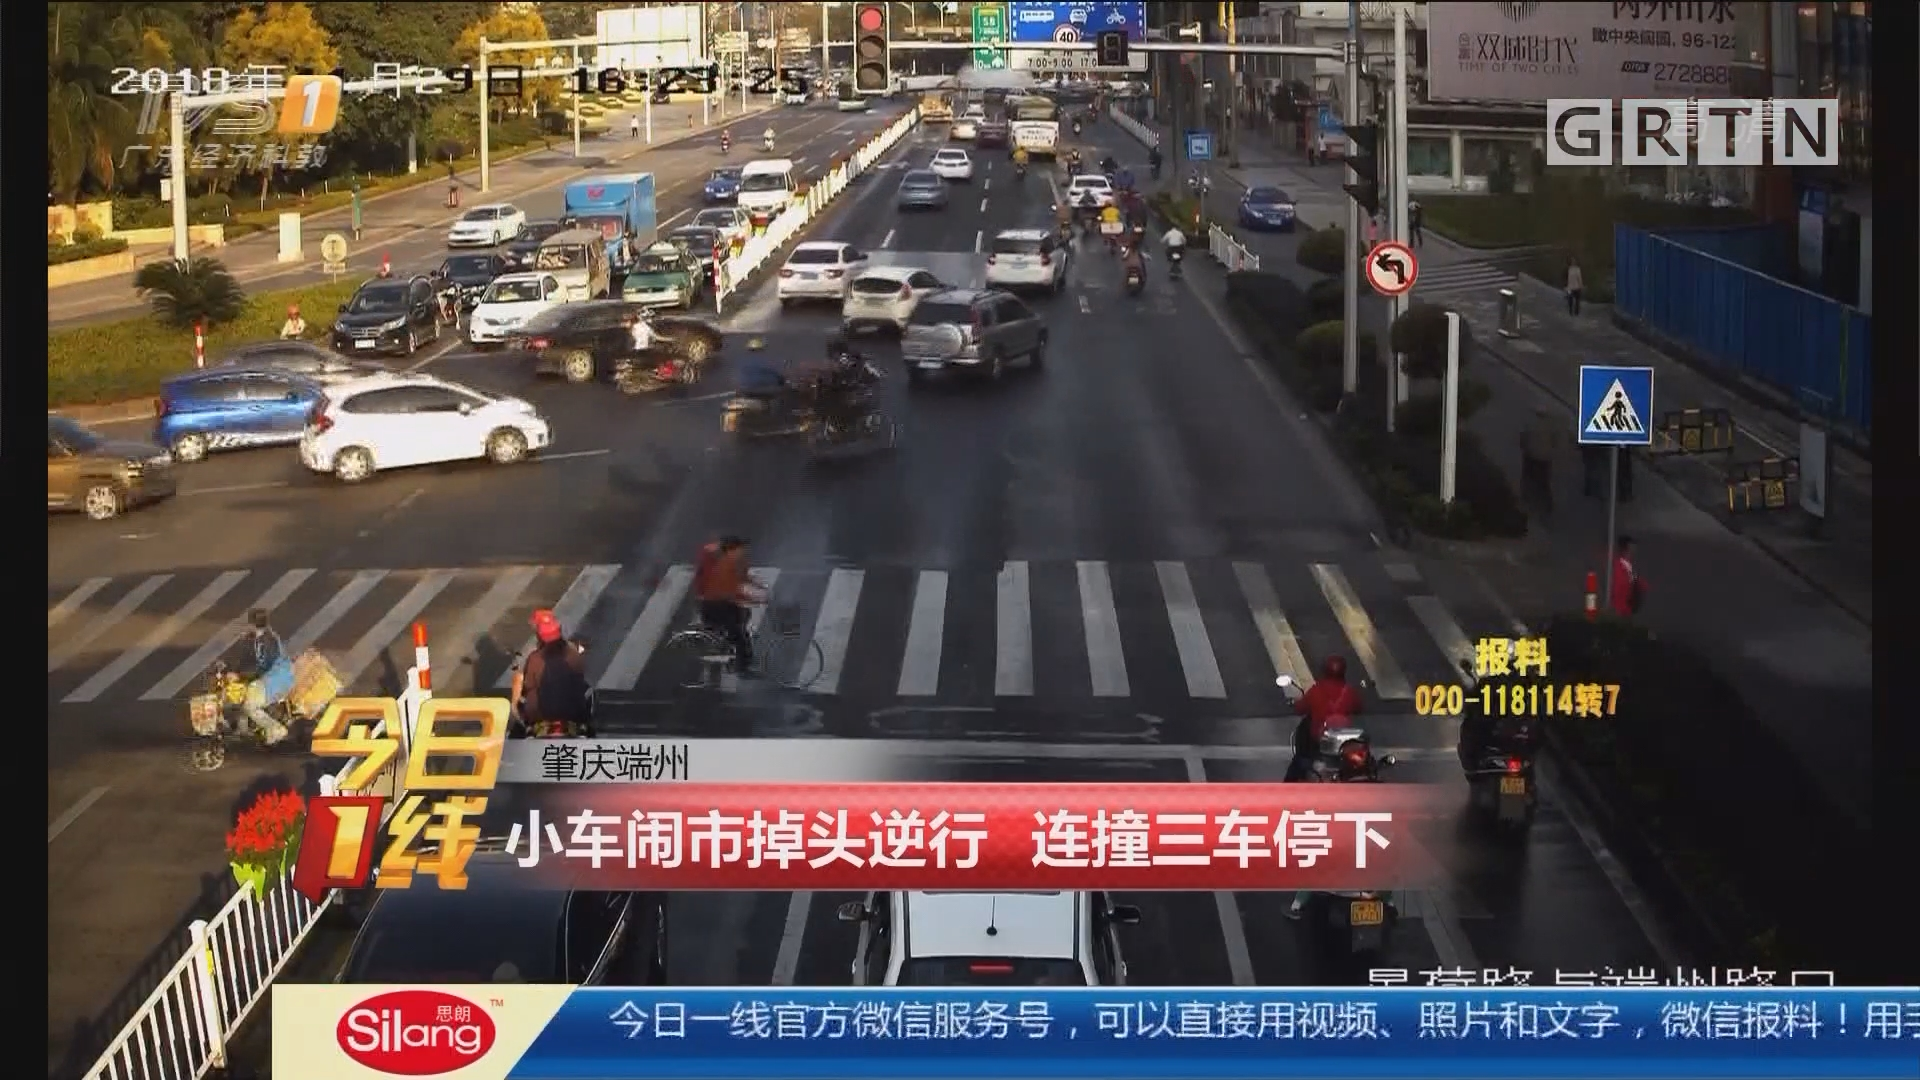 肇庆端州:小车闹市掉头逆行 连撞三车停下